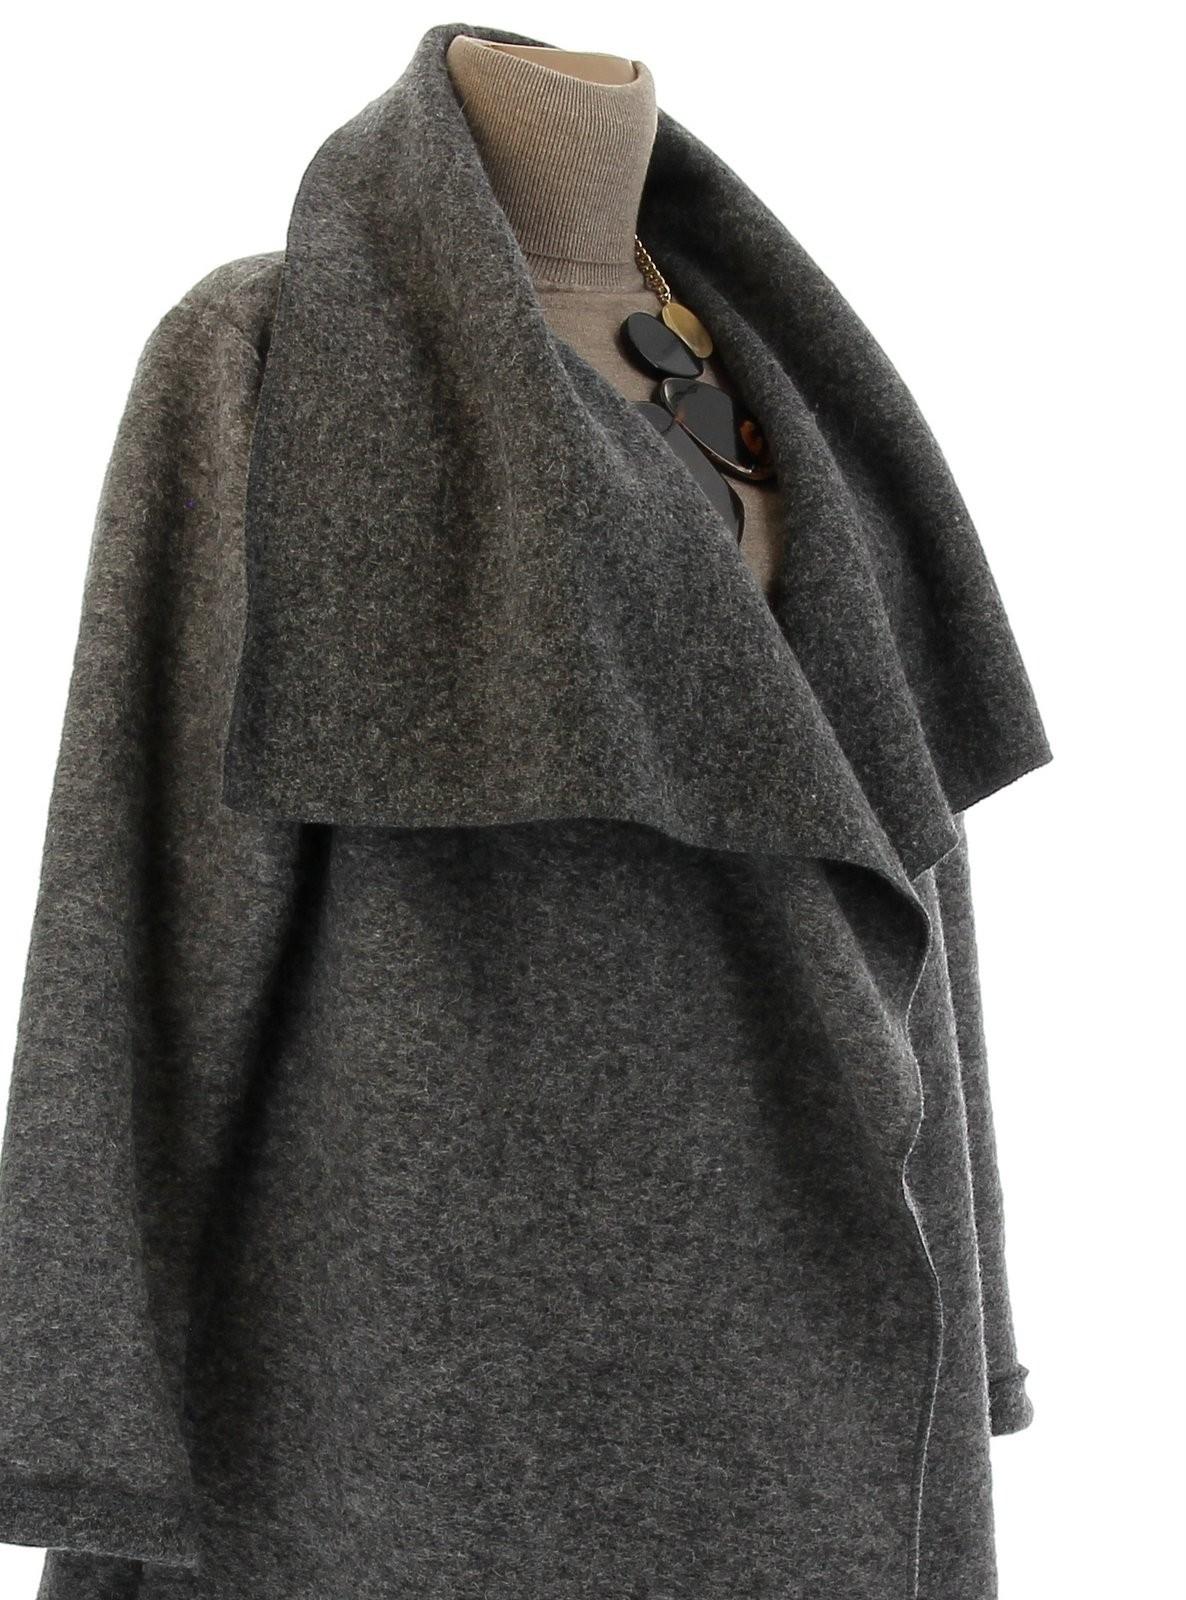 manteau femme laine bouillie fantaisie. Black Bedroom Furniture Sets. Home Design Ideas